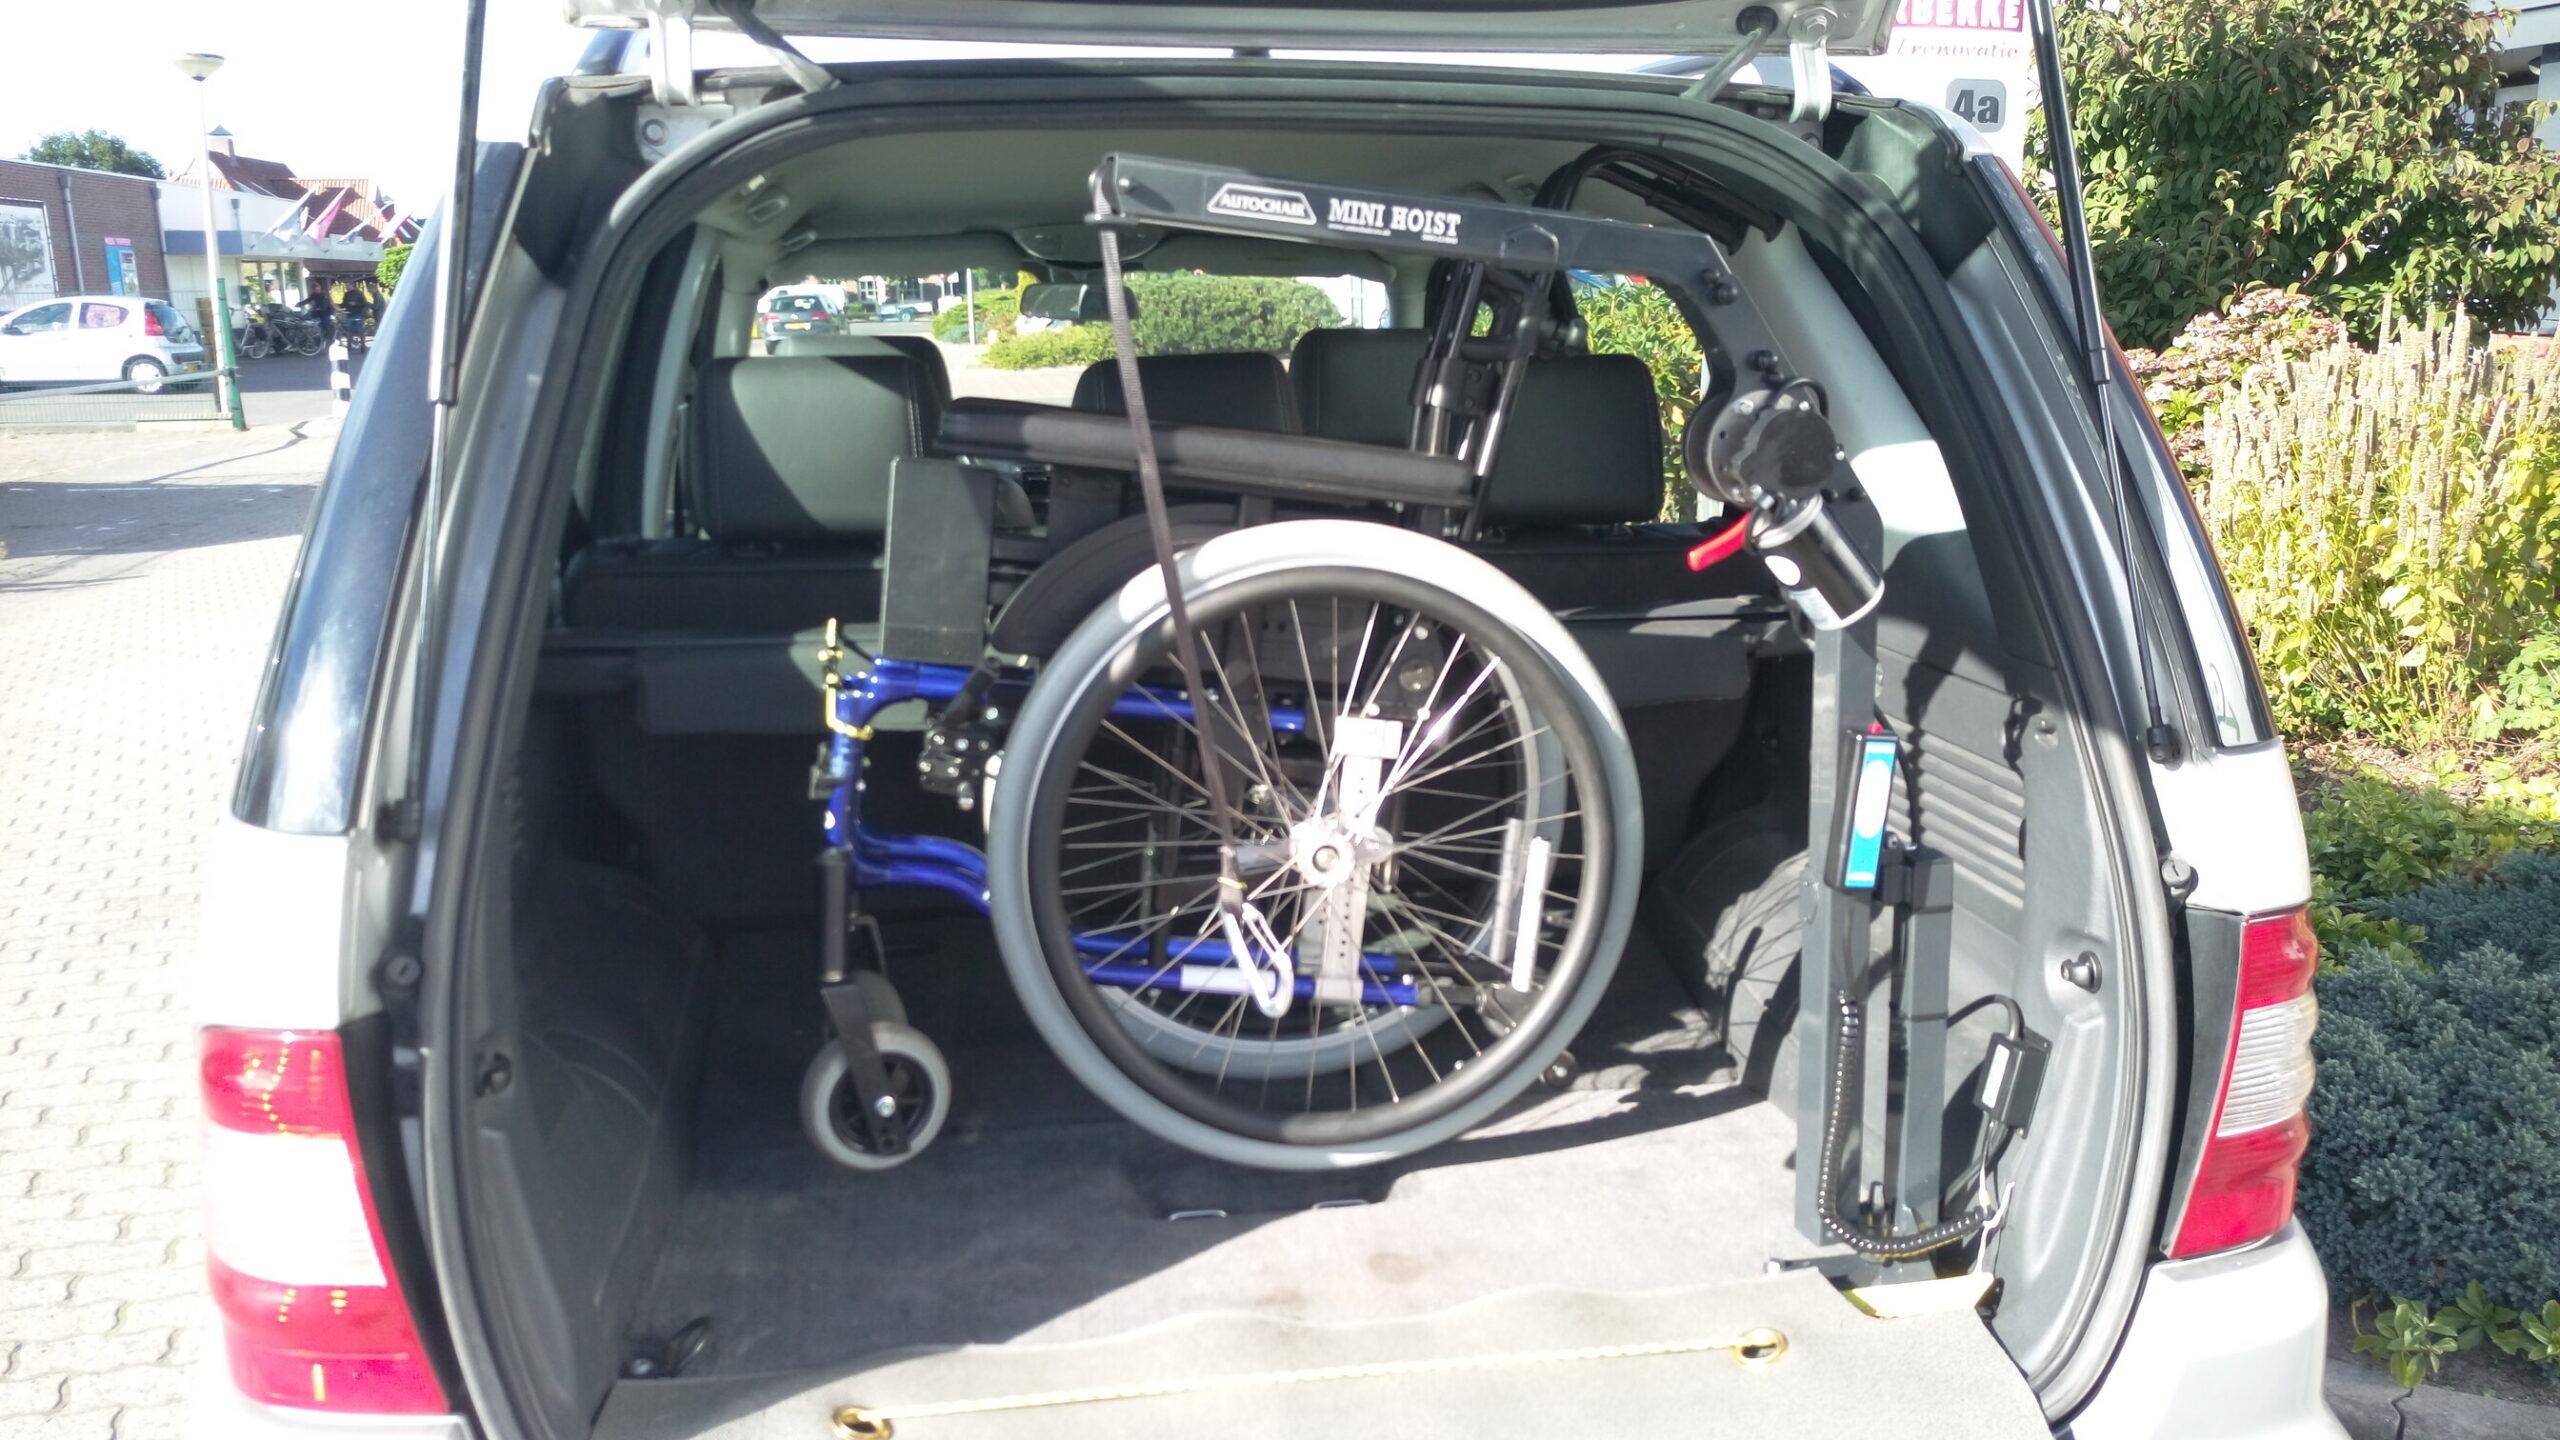 Kofferbaklift rolstoel